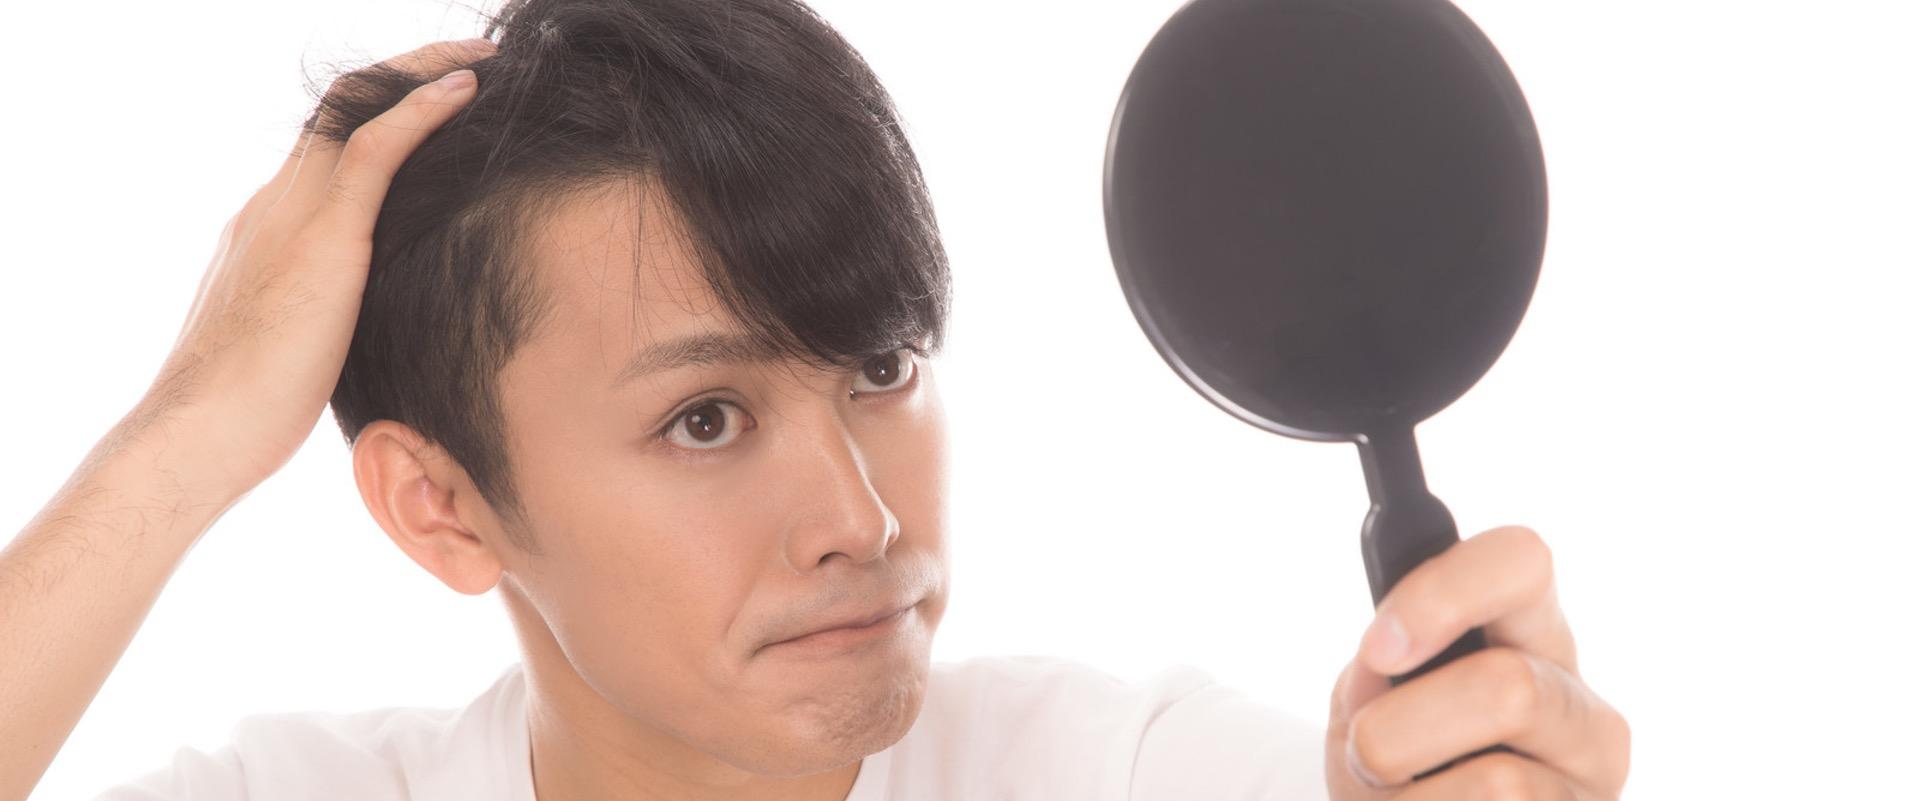 不讓掉髮破壞美麗 中醫對症挽救髮線